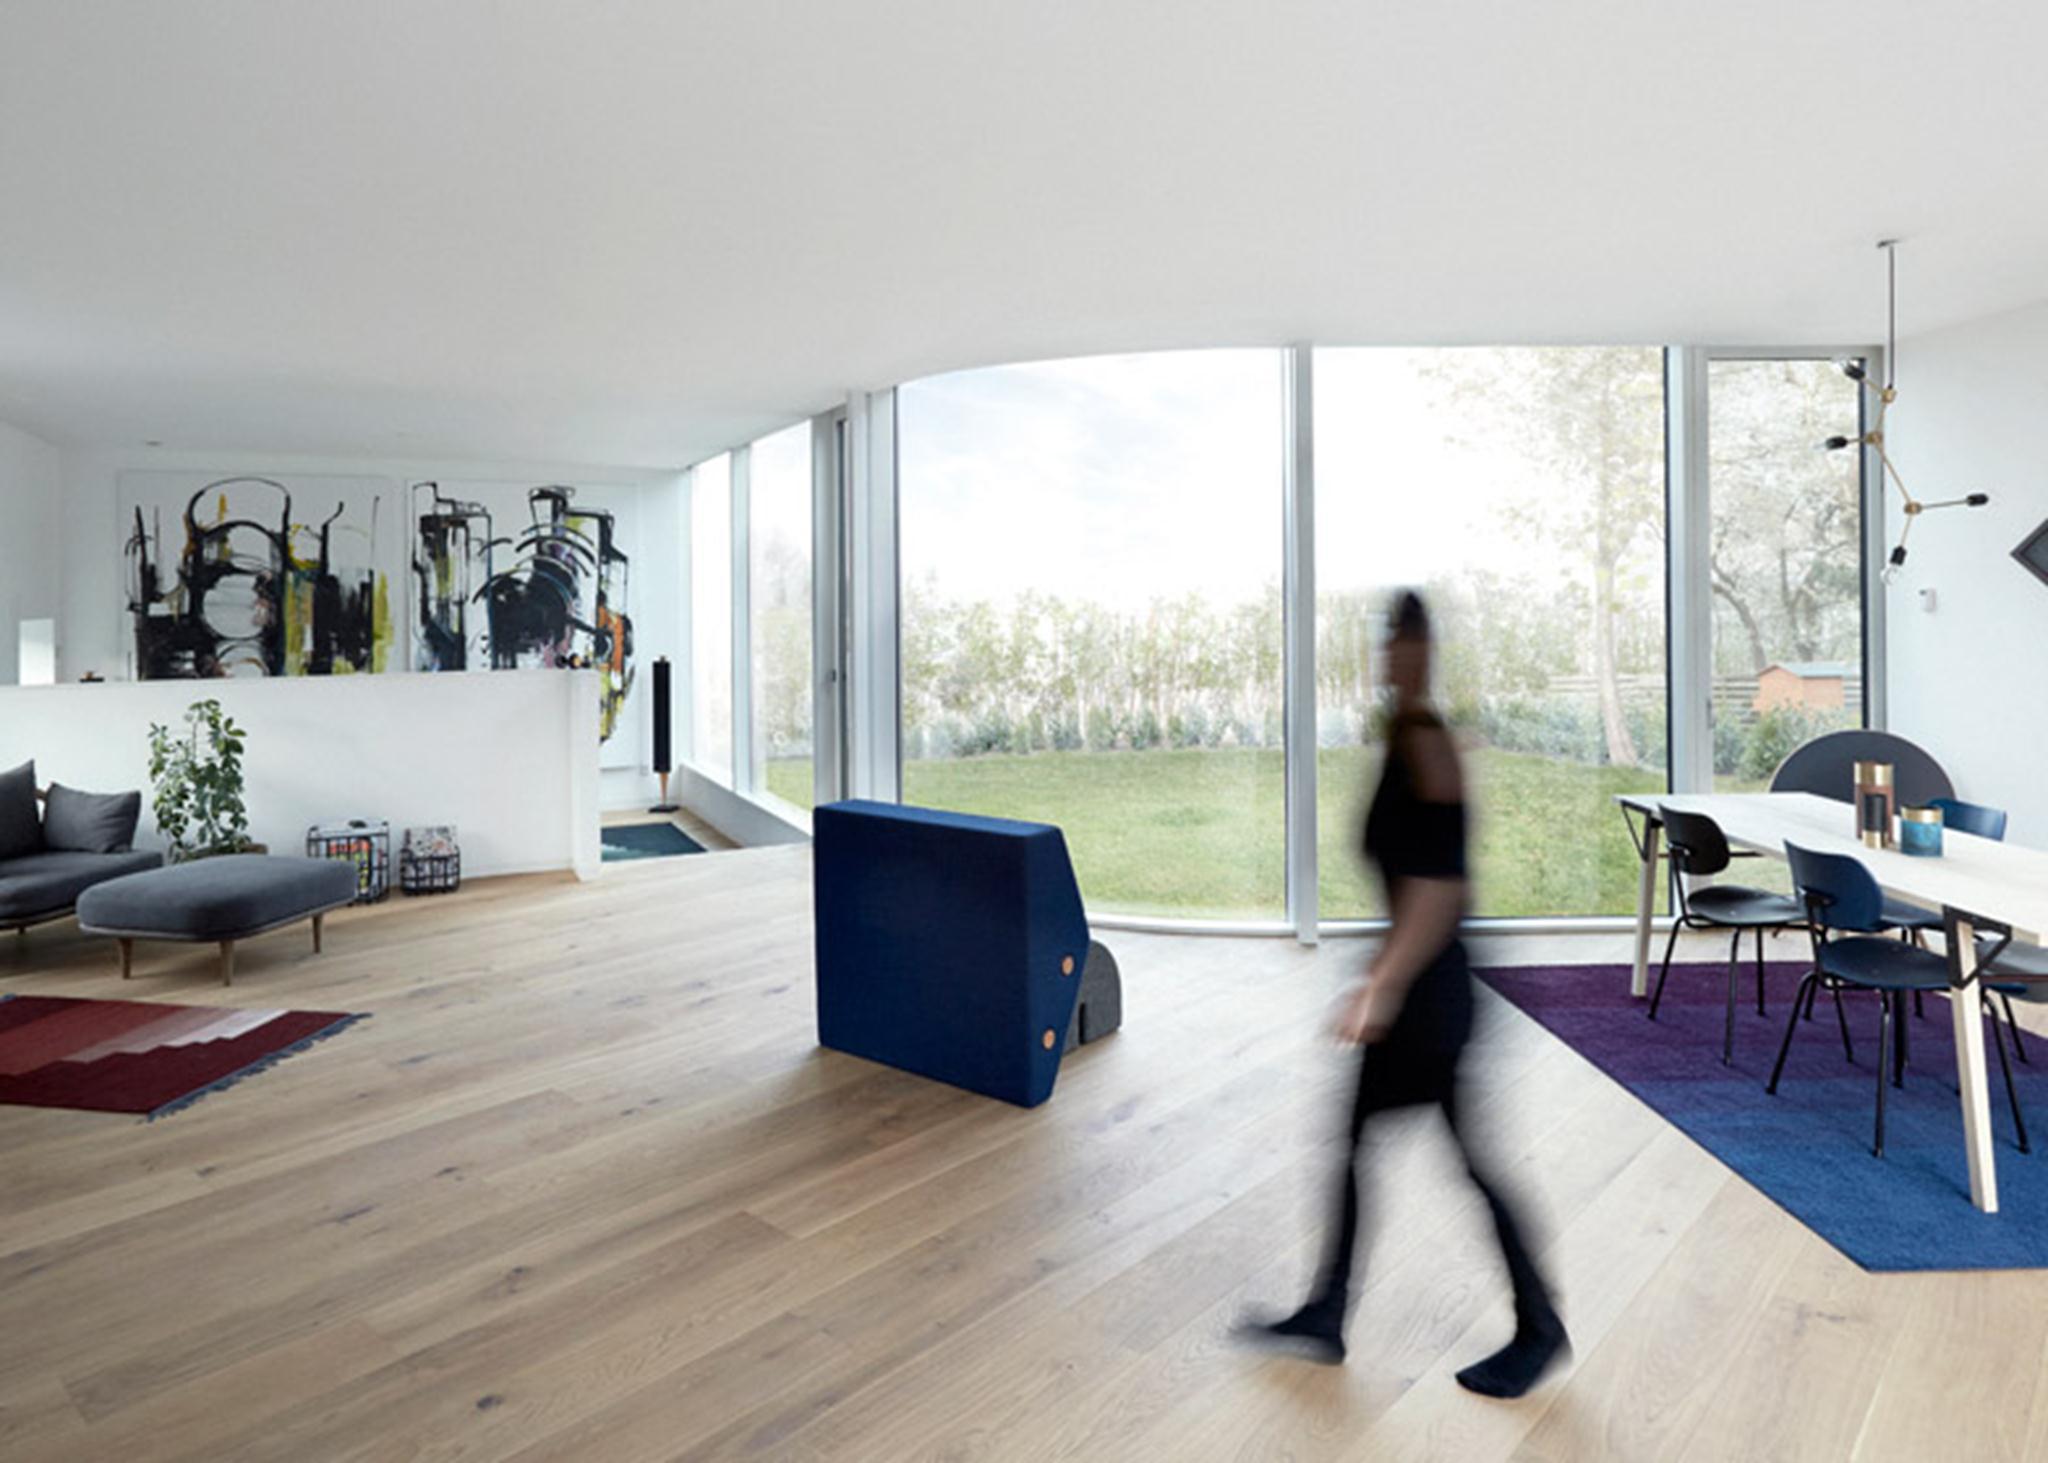 Các kiến trúc sư đã thiết kế linh hoạt ngôi nhà 136 m2 này với một cấu trúc hình chữ Y để tối đa hóa không gian công cộng và hướng điểm nhìn ra cảnh quan của sân và vườn. Thiết kế của ngôi nhà cũng giúp bảo vệ người cư ngụ khỏi sự ồn ào của đường cao tốc.